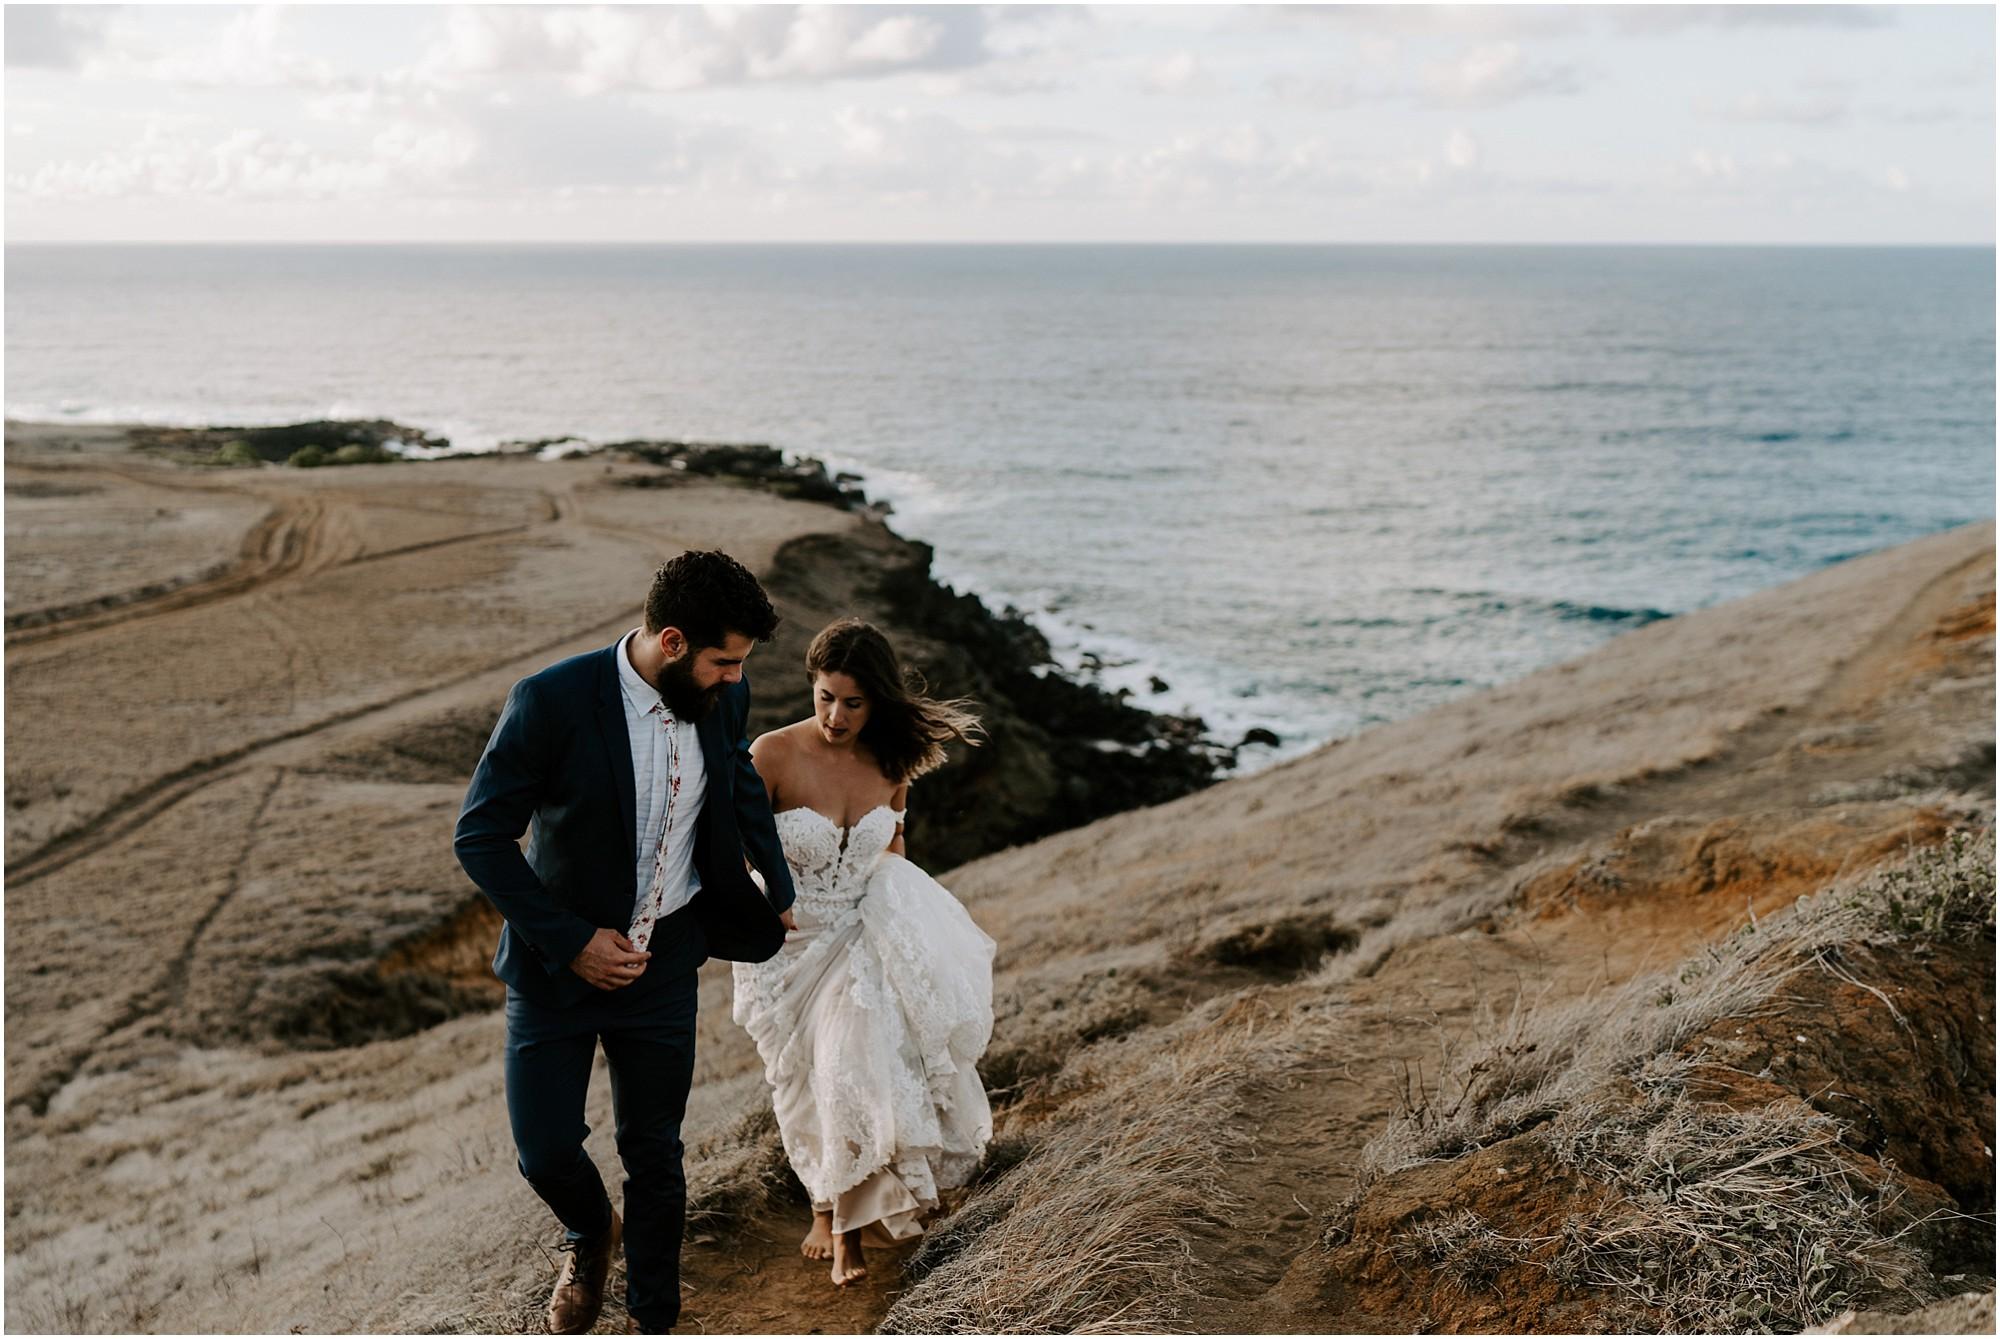 couple-walking-cliff-big-island-hawaii.jpg